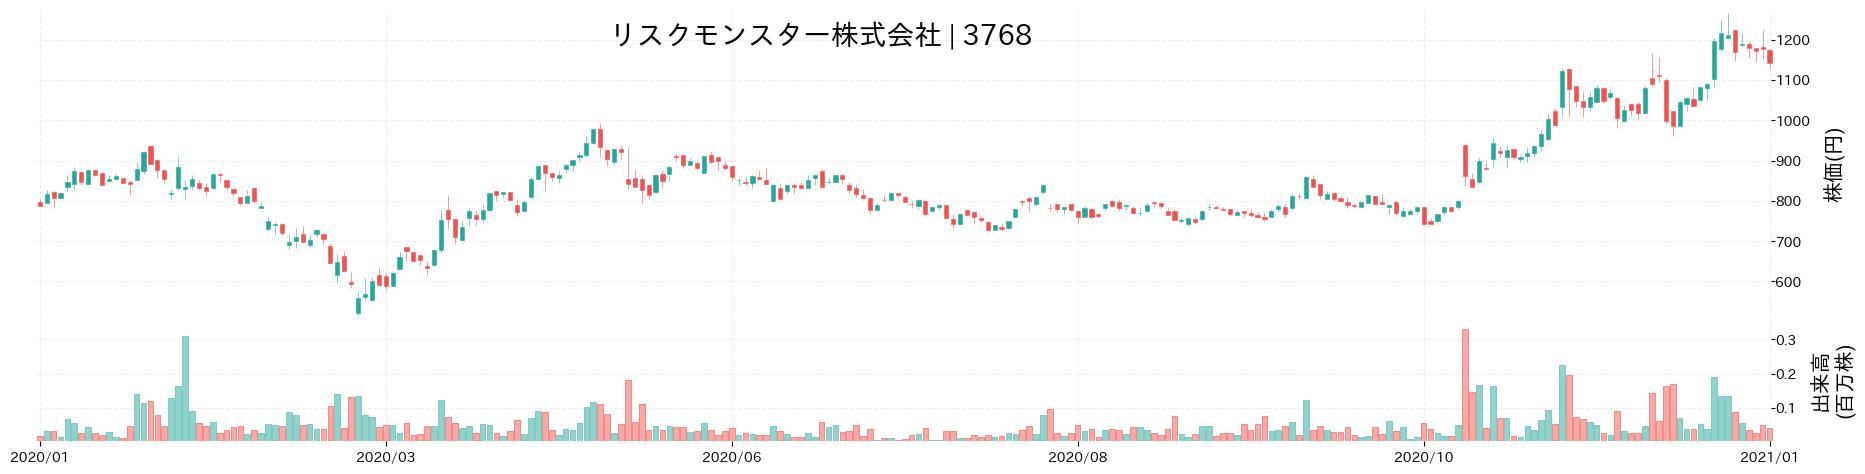 リスクモンスター株式会社の株価推移(2020)